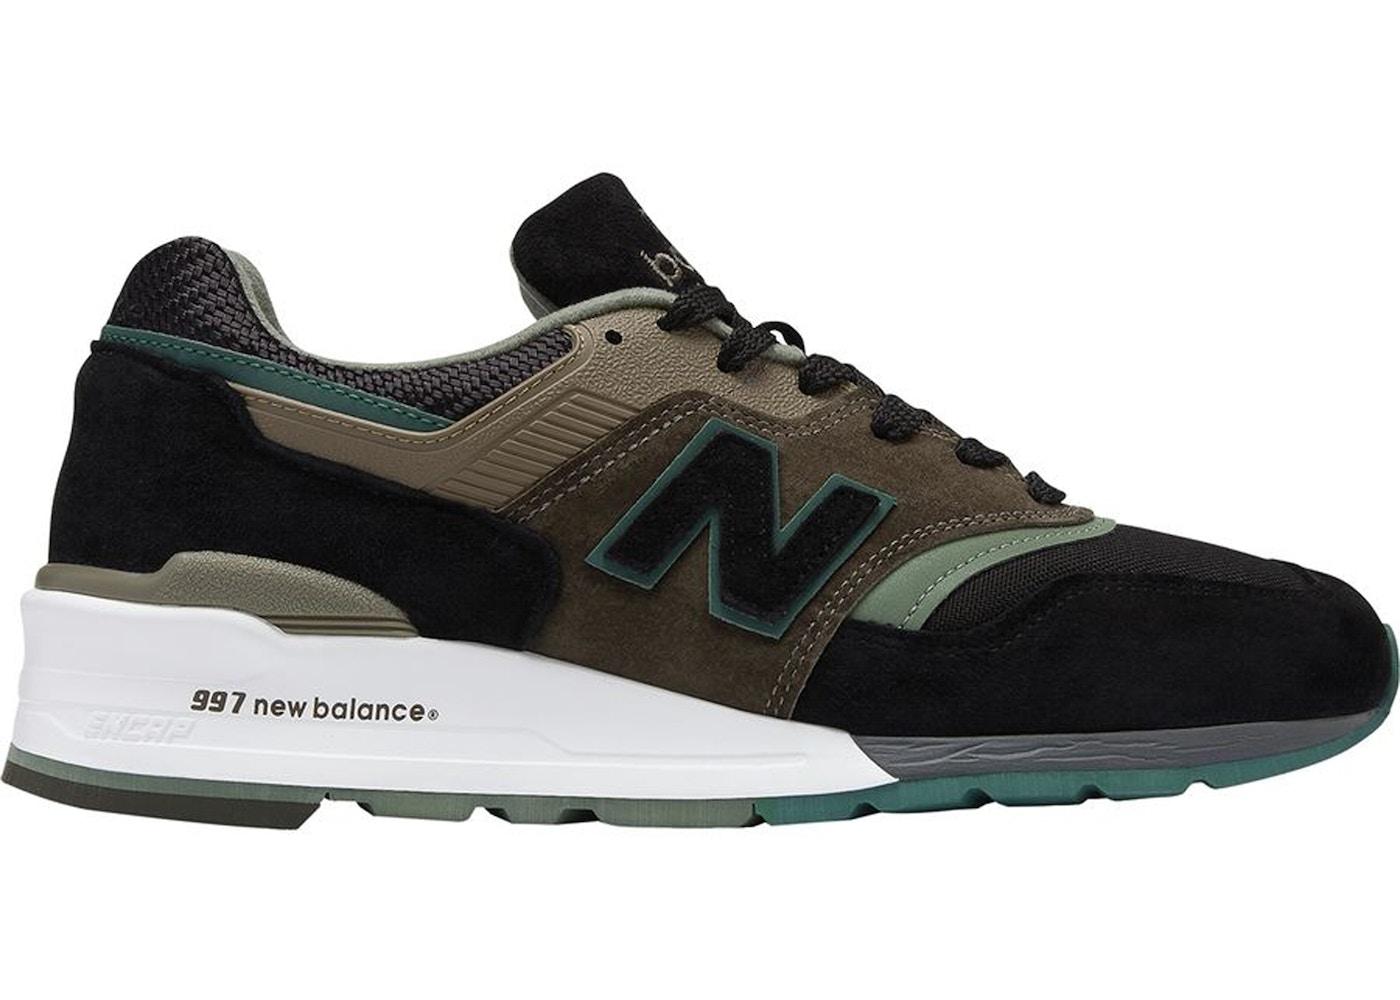 online retailer d3057 9d542 New Balance Footwear - Buy Deadstock Sneakers